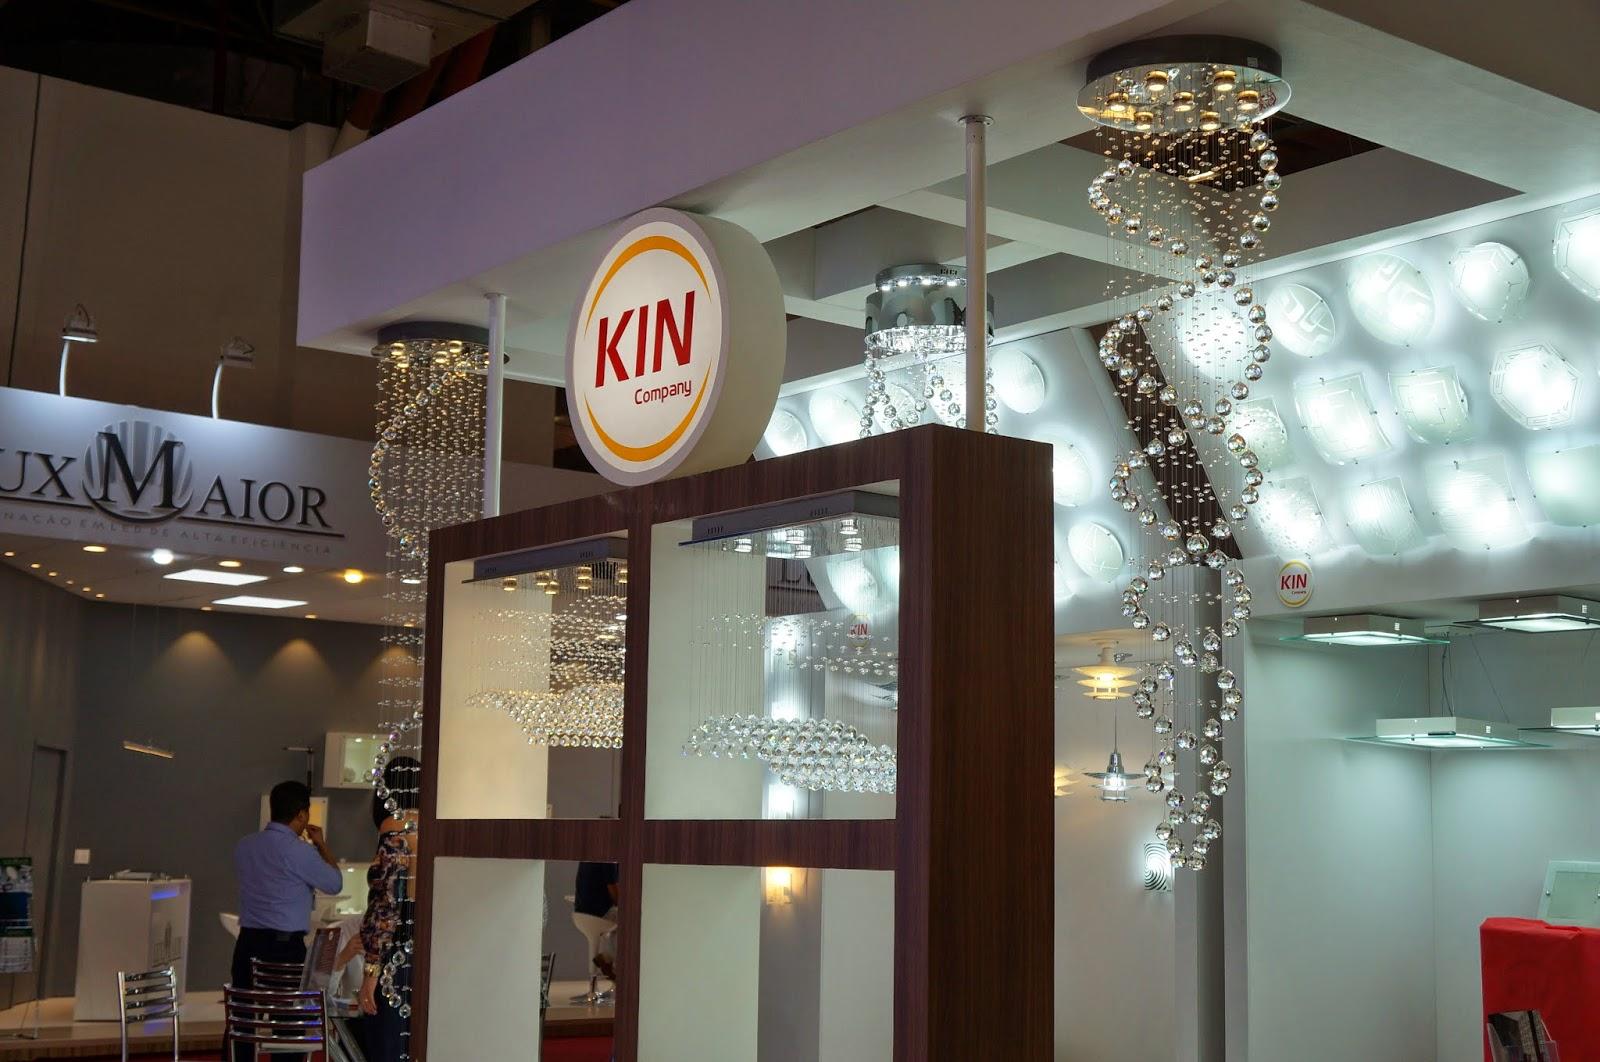 estande da Kin Company - Expolux 2014